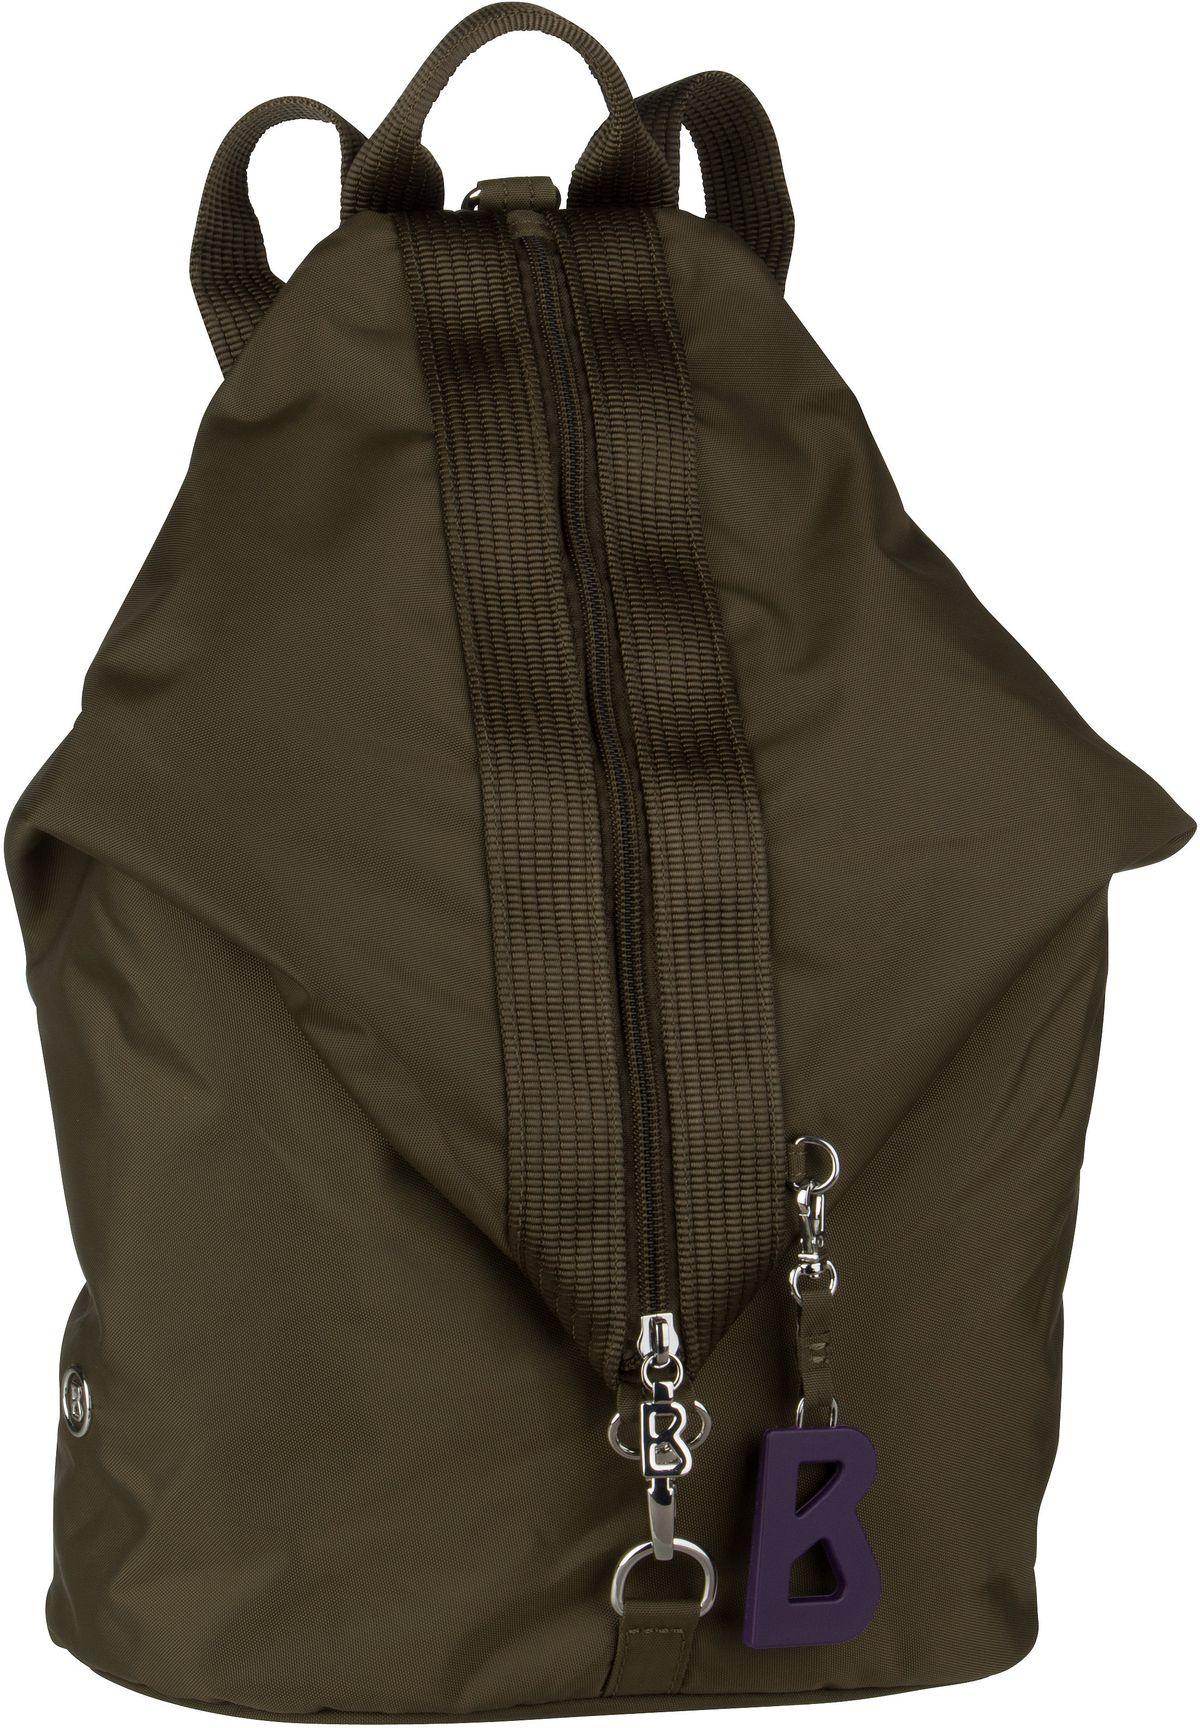 Rucksack / Daypack Verbier Debora Backpack LVZ Khaki